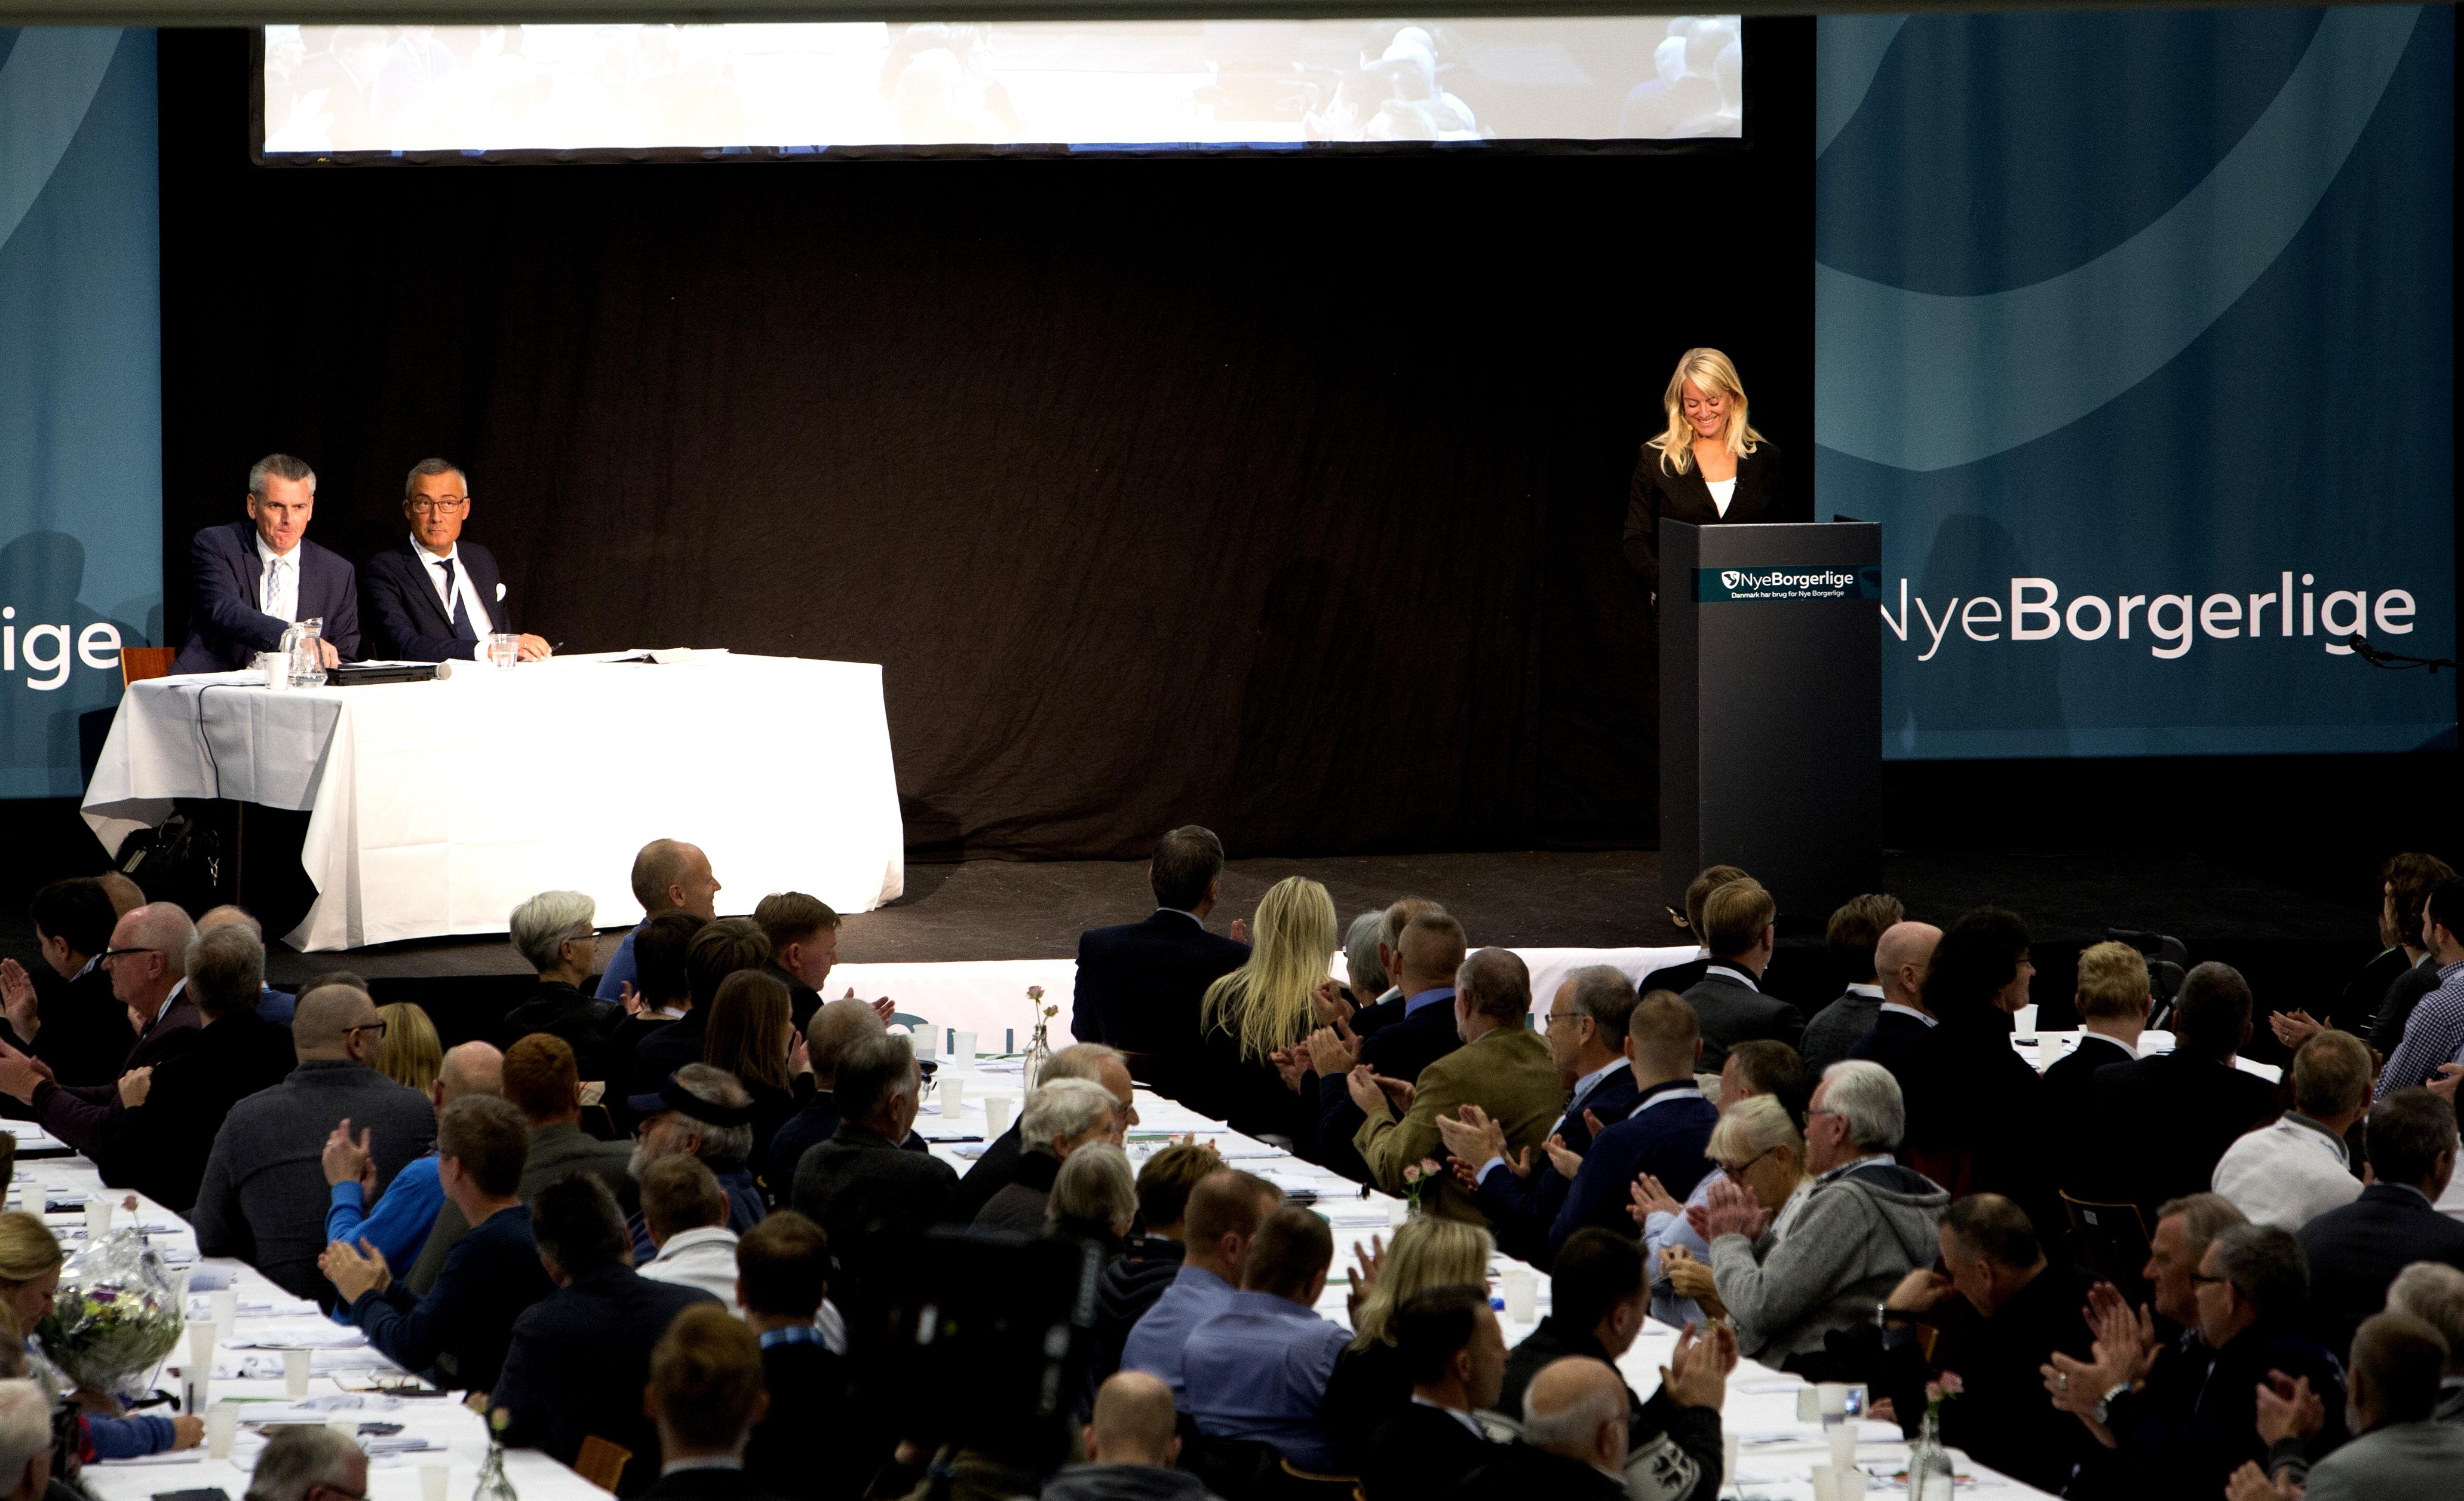 Pernille Vermund på talerstolen ved Nye Borgerliges landsmøde i 2016. (Foto: Researchkollektivet Redox)